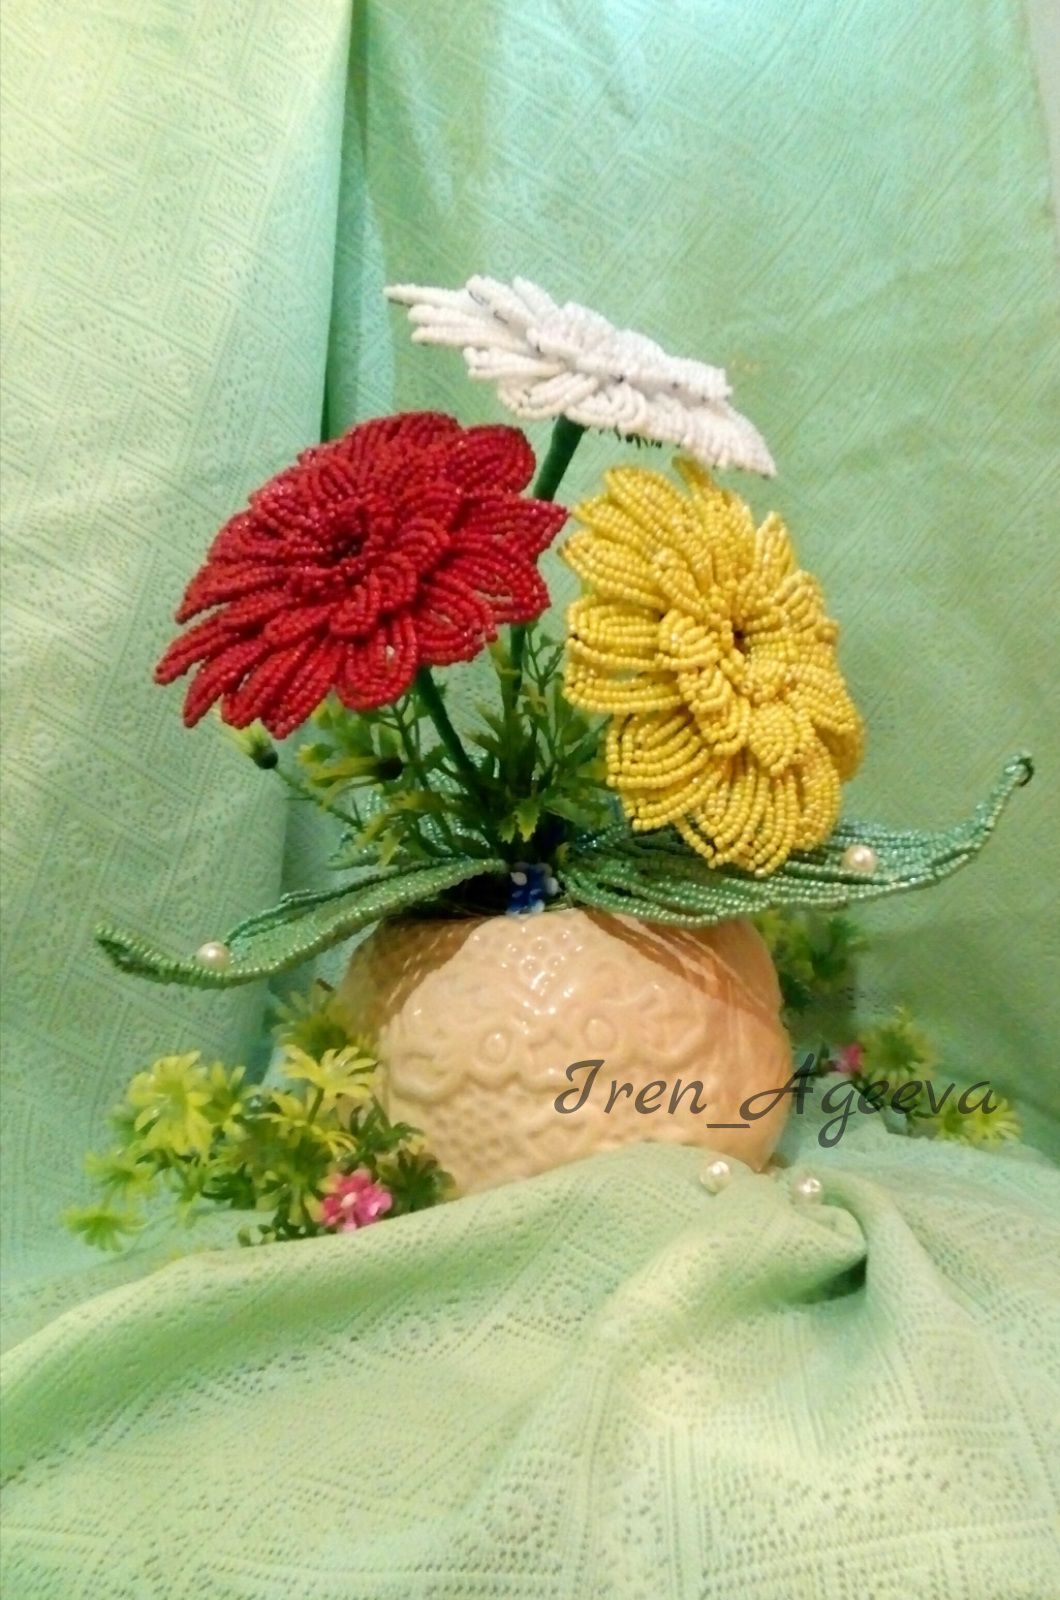 день рождения бисера юбилей бисер сделано ручная герберы праздник любовью работа подарок цветы